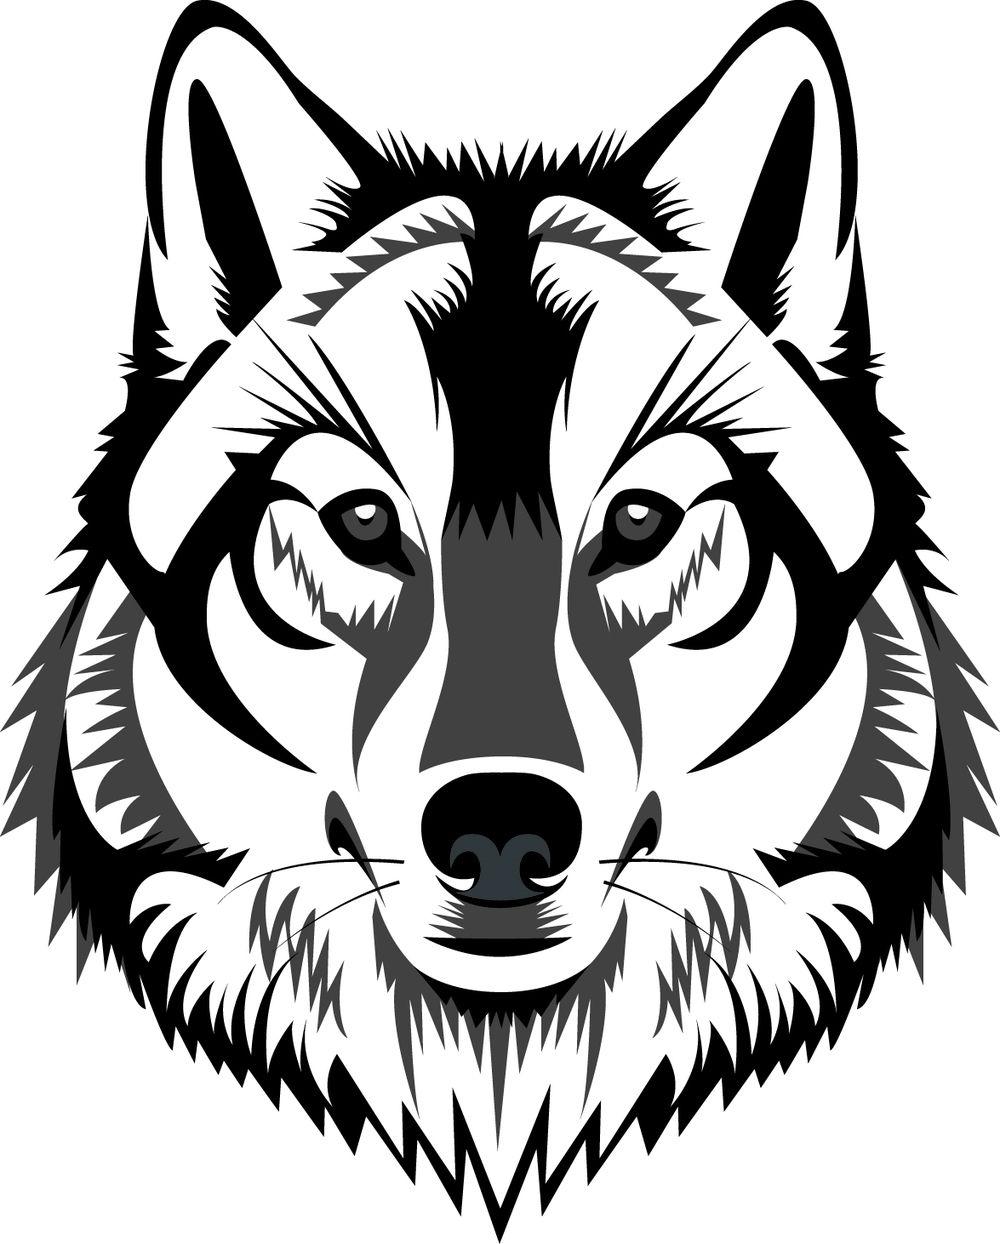 1000x1244 Black And White Batman Drawings Car Bear Daisy Cat Of Tigers